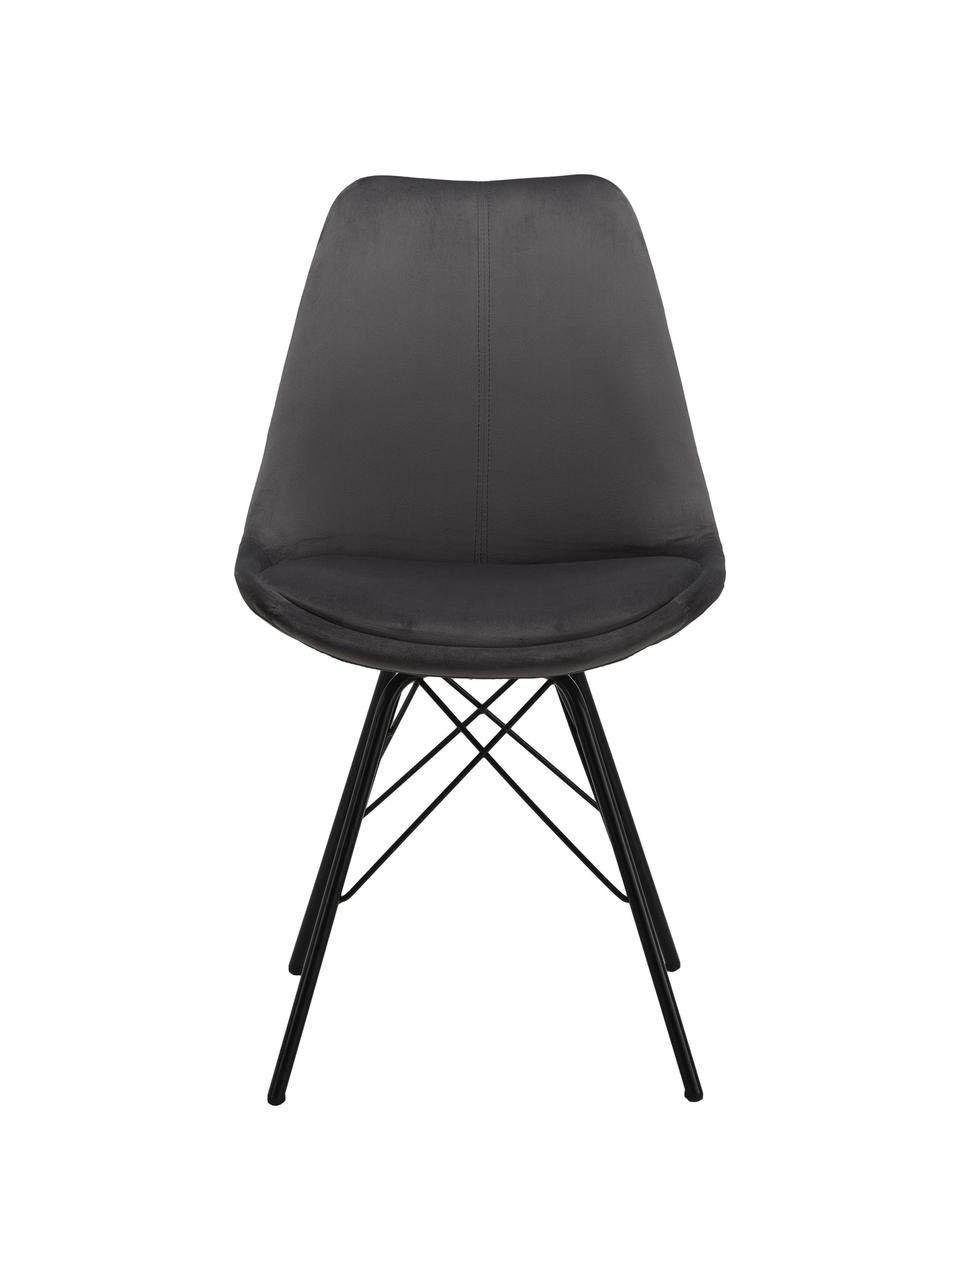 Chaise en velours rembourrée Eris, 2pièces, Velours gris foncé, pieds noir